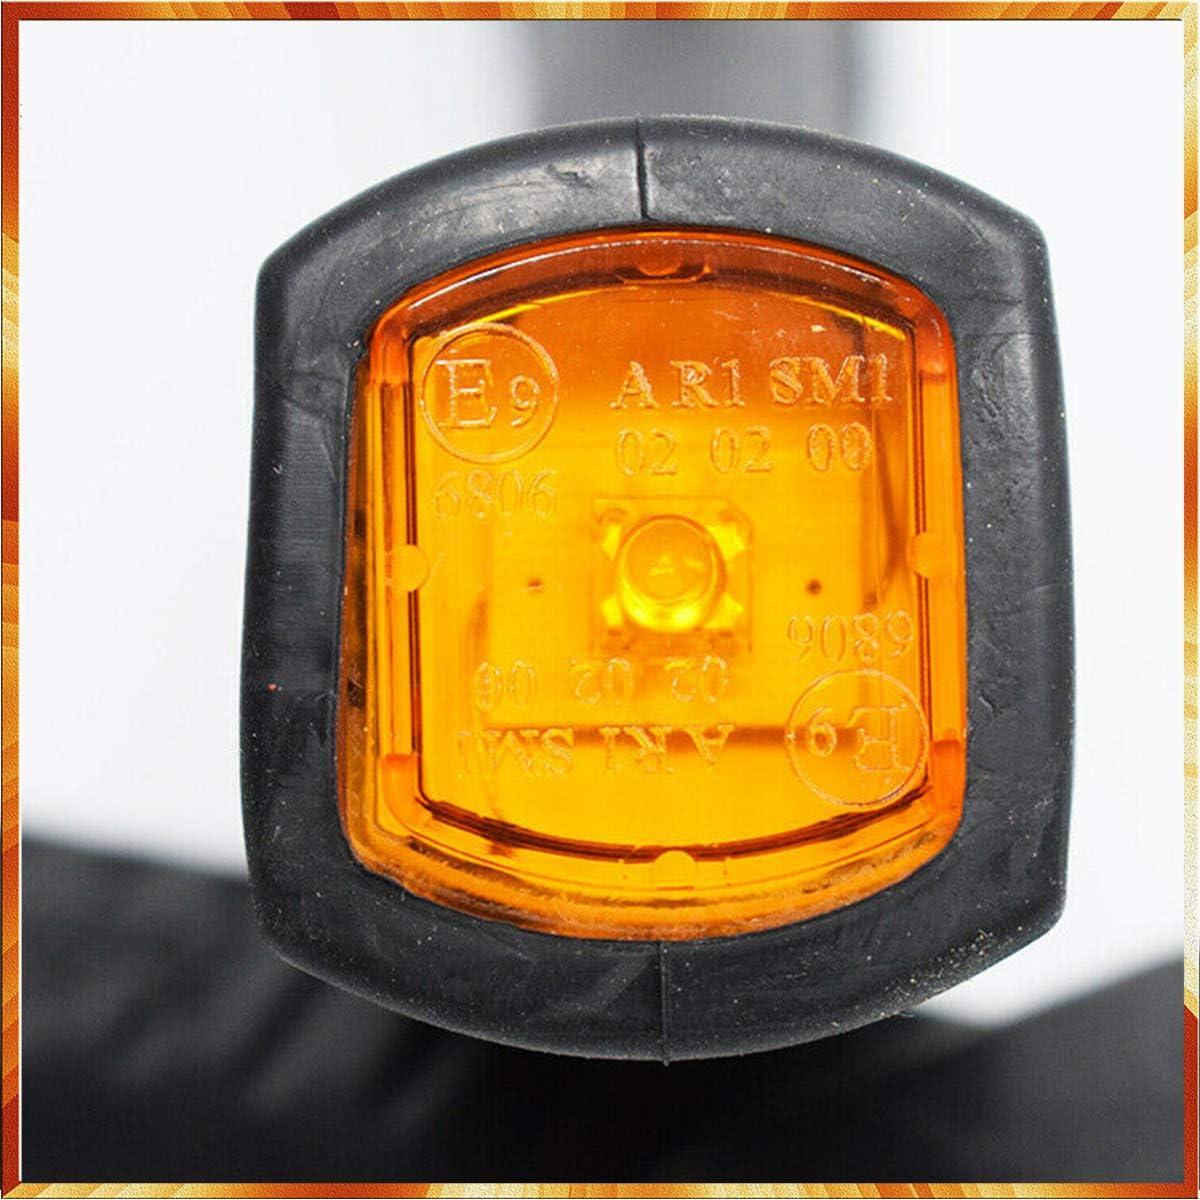 2 x feux de gabarit tricolore /à LED rouge et blanc feu de position lateral pour remorque camion camionette fourgon chassis